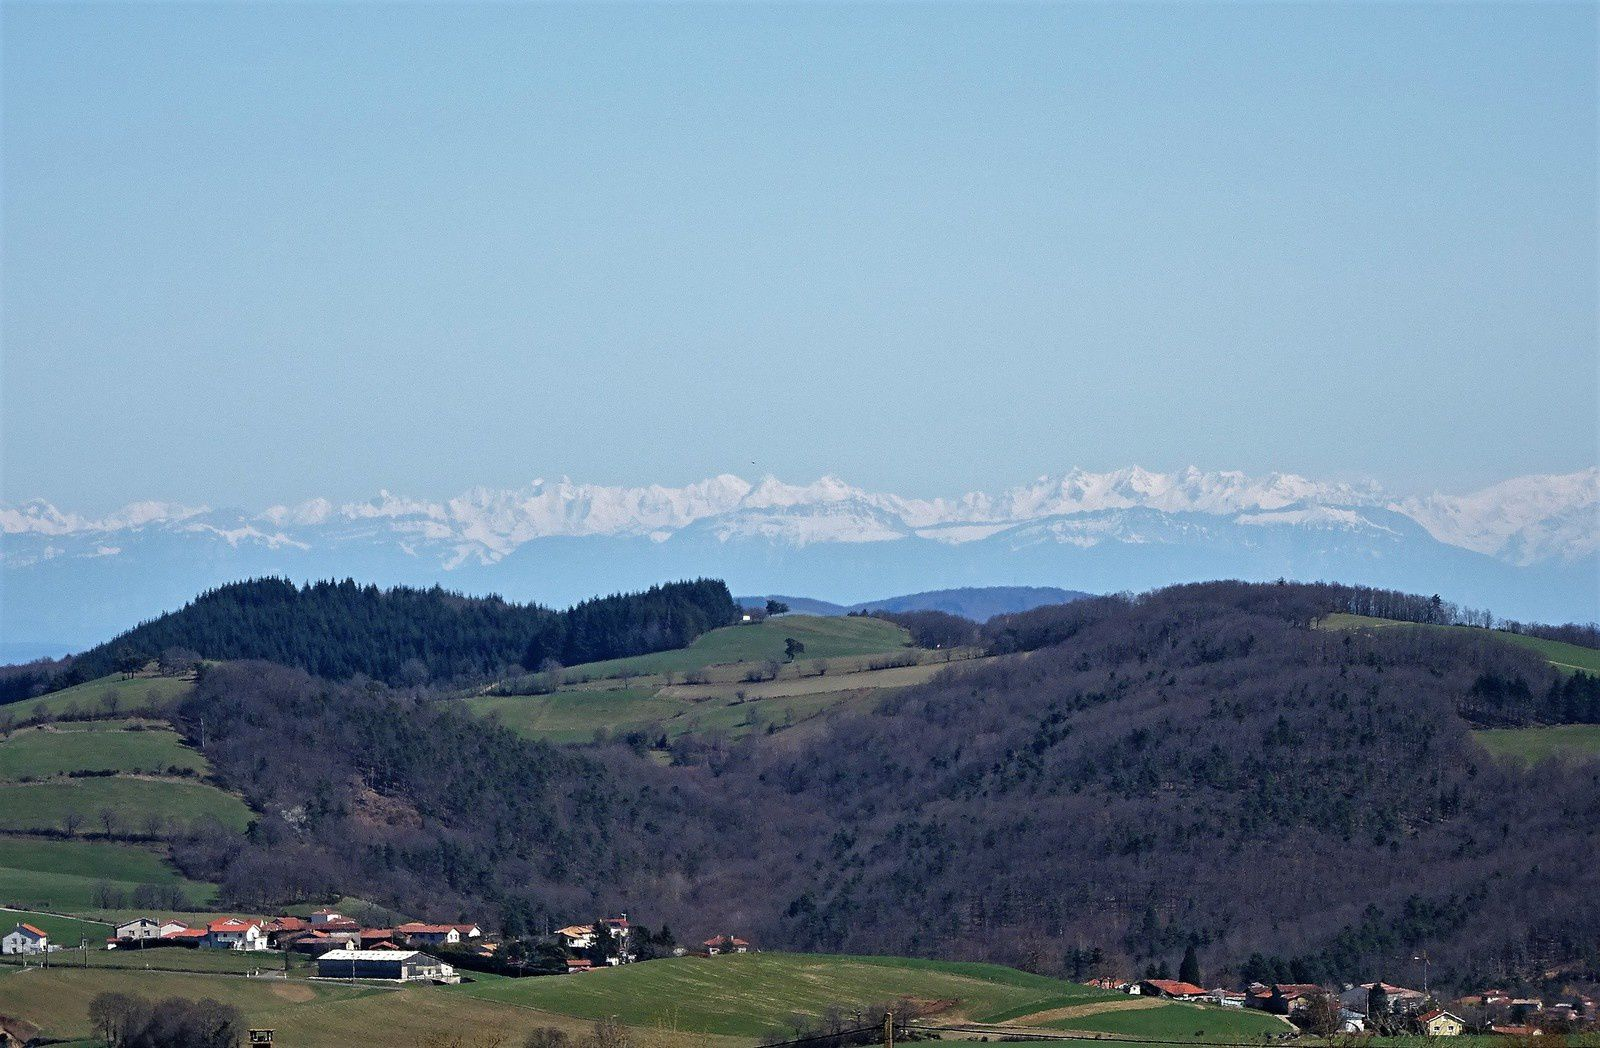 Un tour du côté de la Pierre de la Bauche. C'est dégagé, on a une vue splendide sur les Alpes.